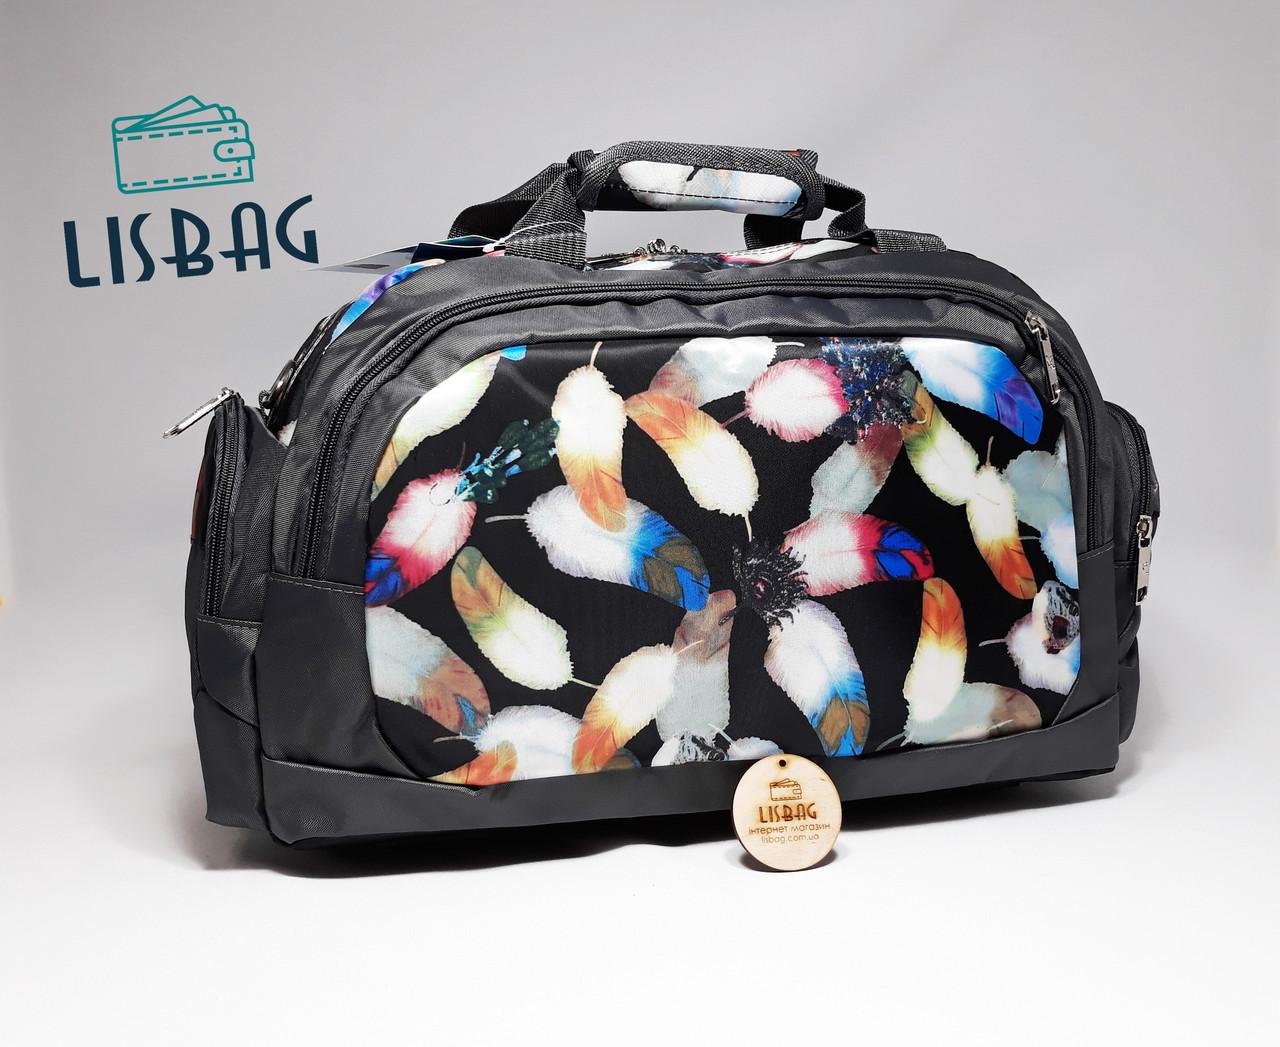 4b3e0306a987 Спортивная сумка на каждый день прикольный принт прочная новинка ...